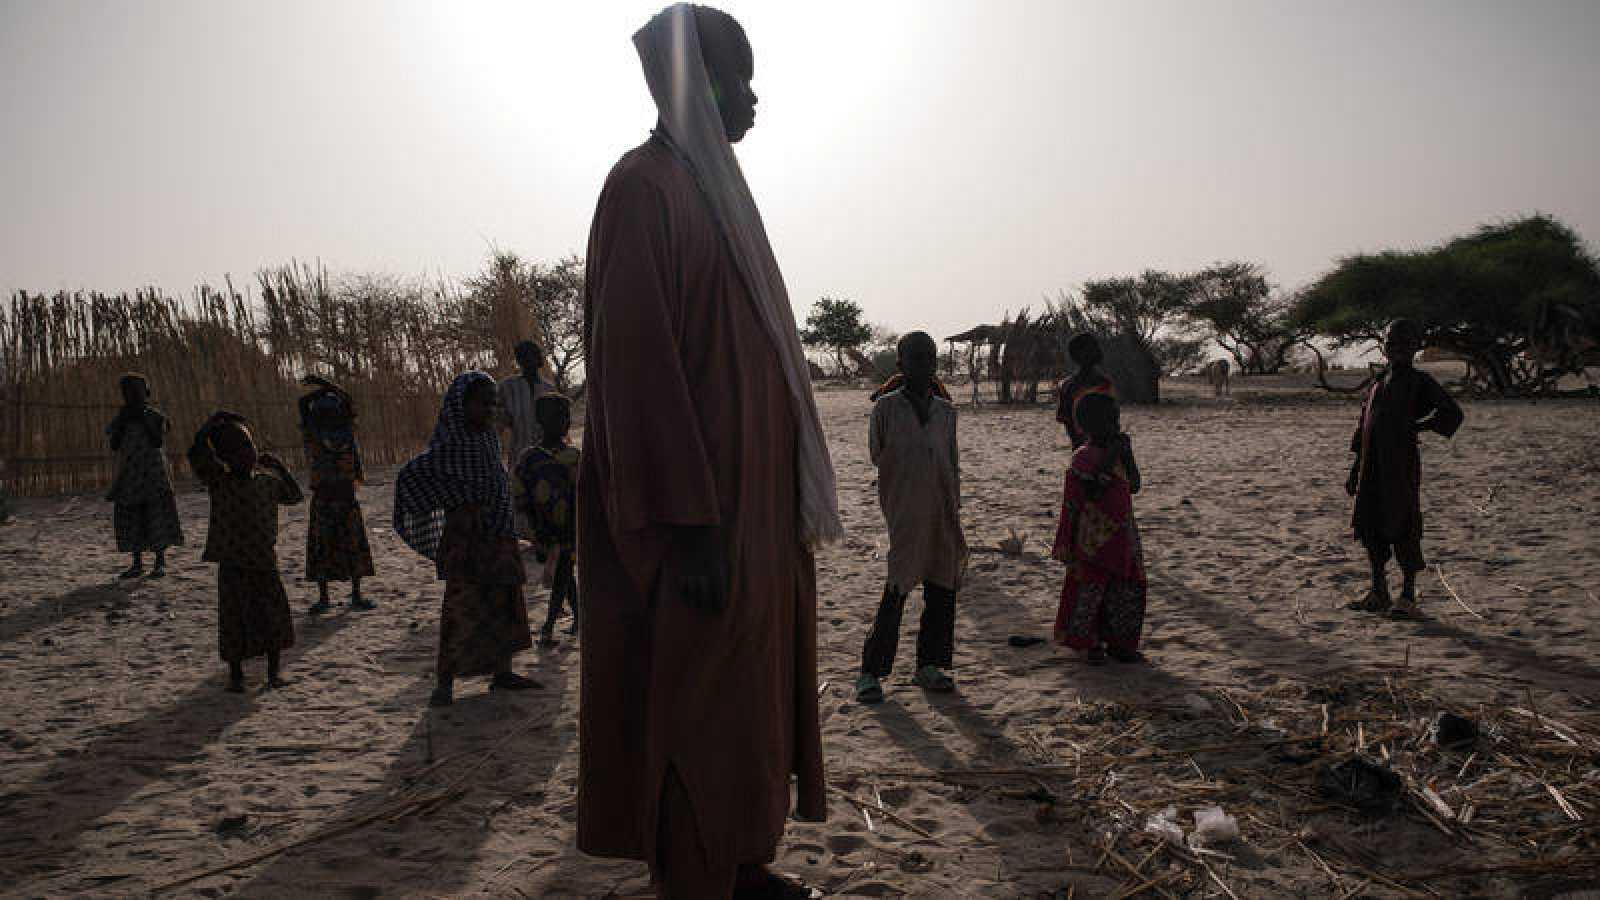 Mahamat Ali, de 17 años, en la localidad de Melea, en la región del Lago Chad, en Chad, el 19 de abril de 2017. Ali fue secuestrado por Boko Haram con 15 años y fue esclavizado durante dos años hasta que pudo escapar.